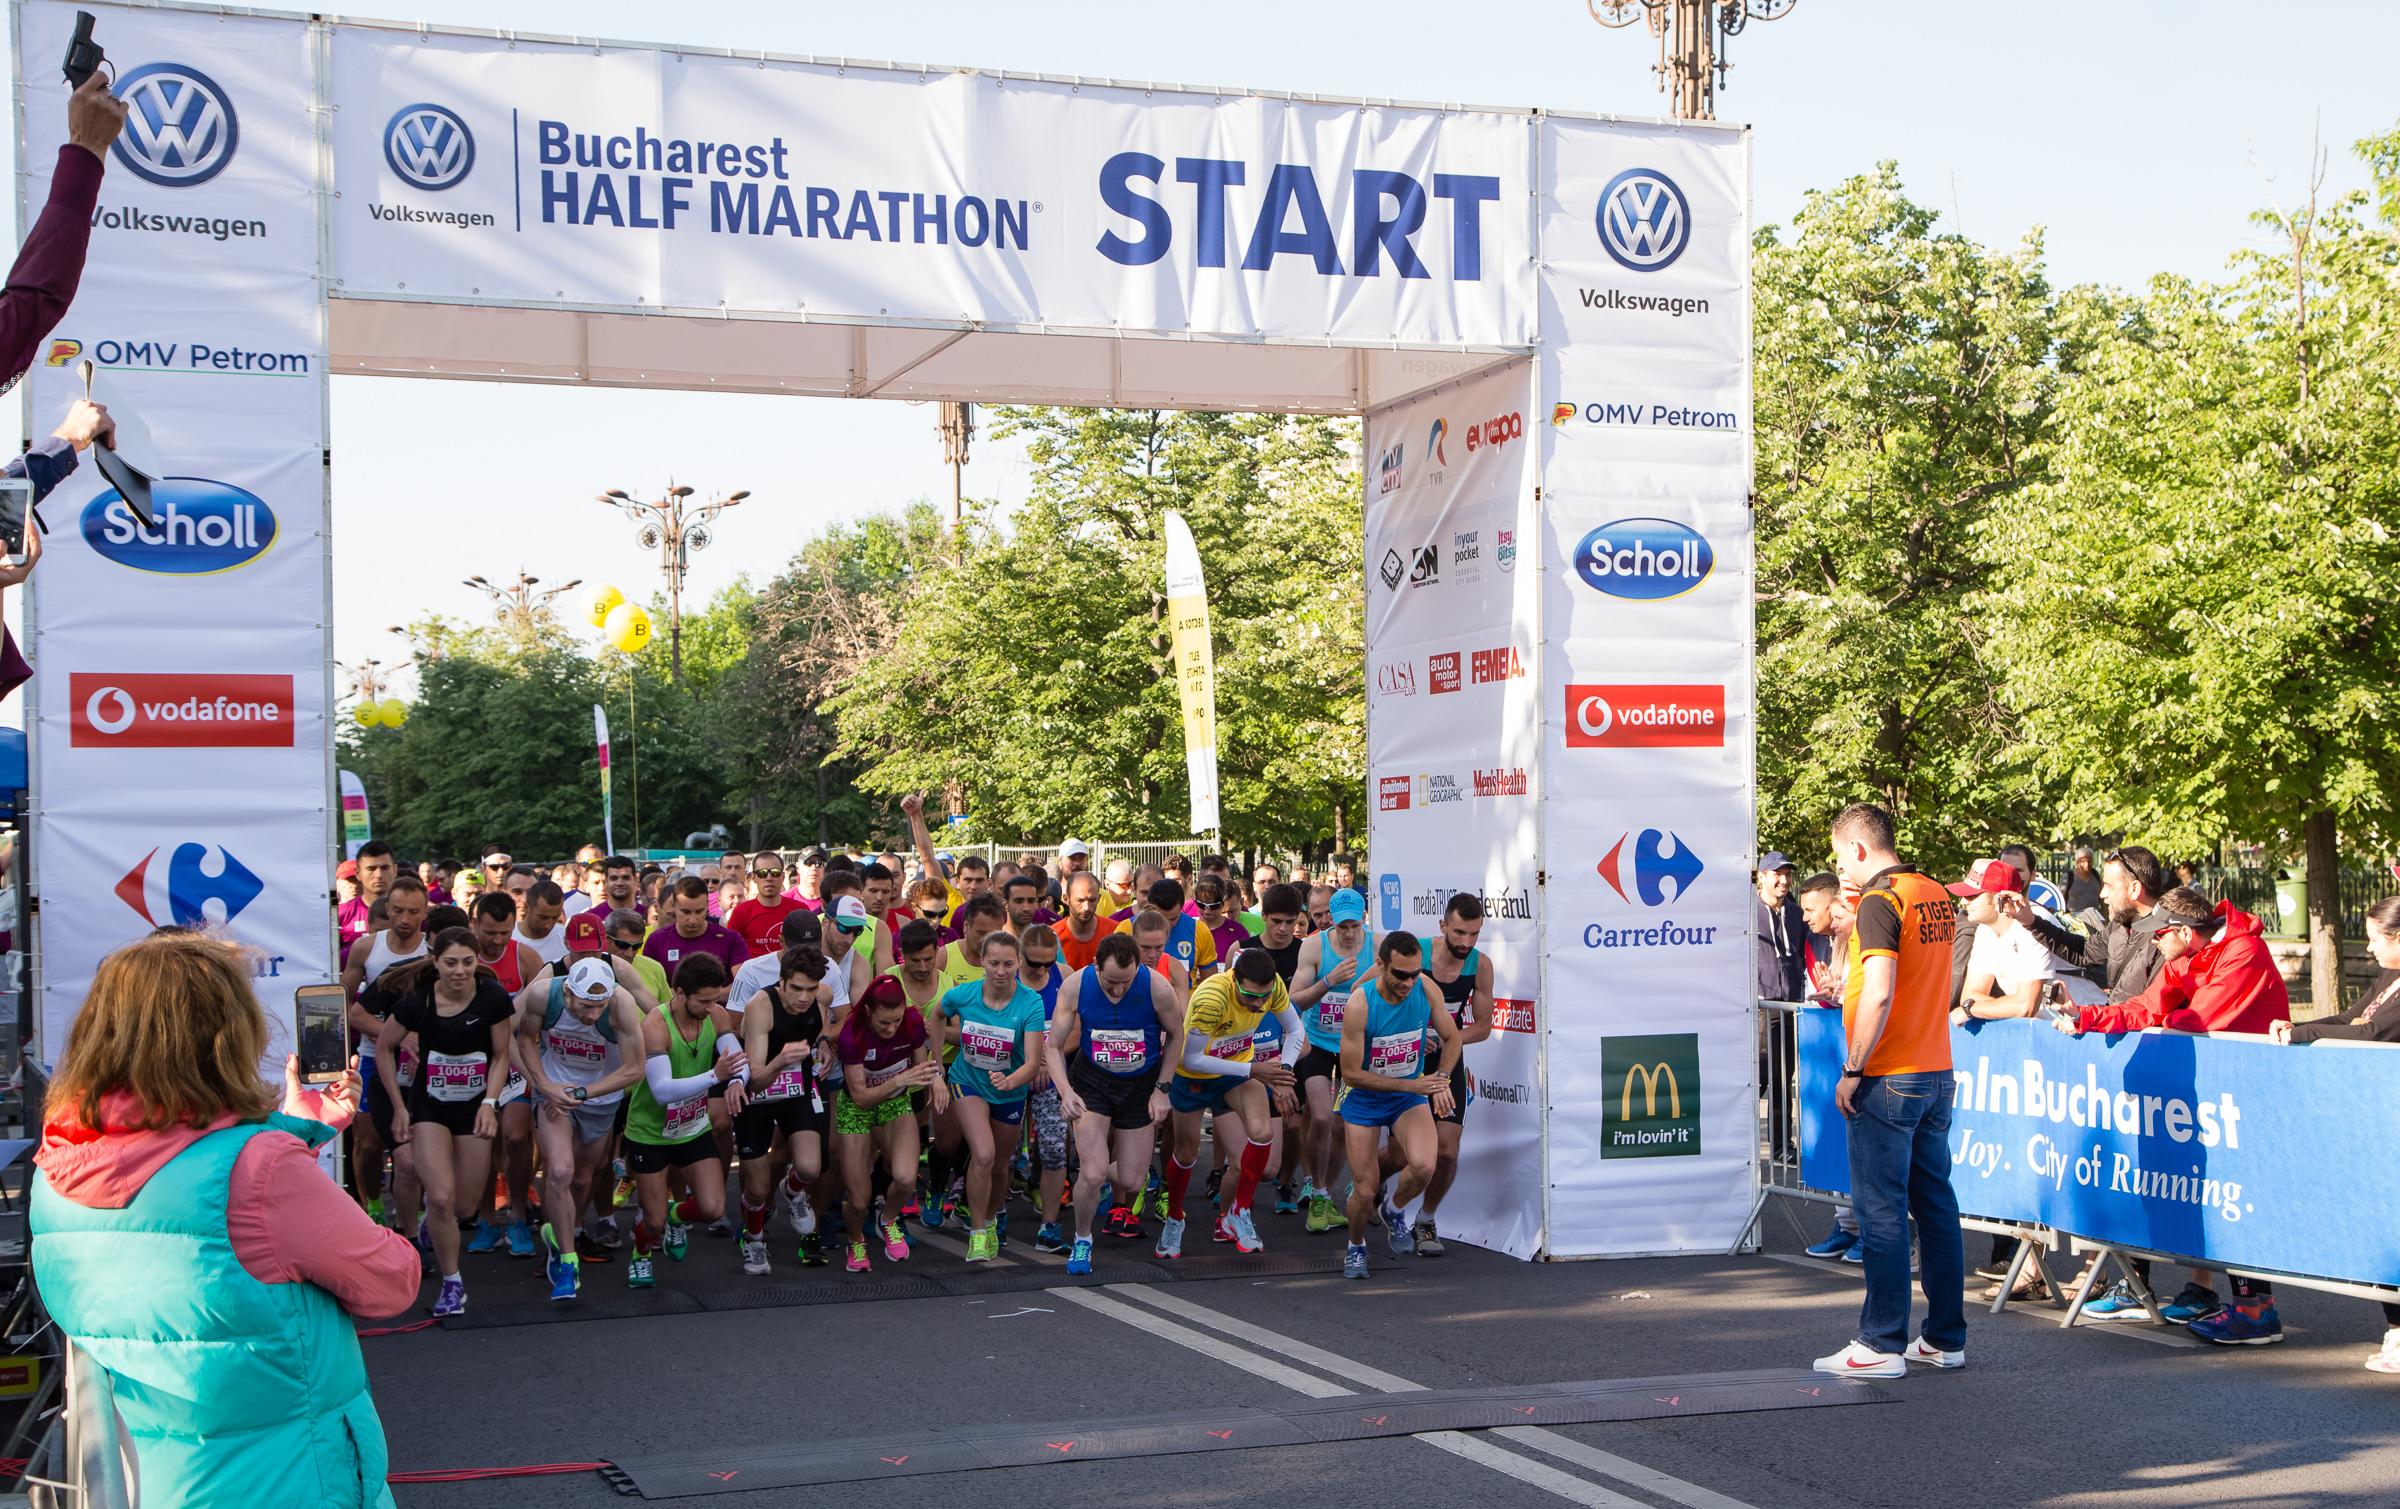 Semimaratonul Bucuresti_Foto Mihnea Ciulei.jpg